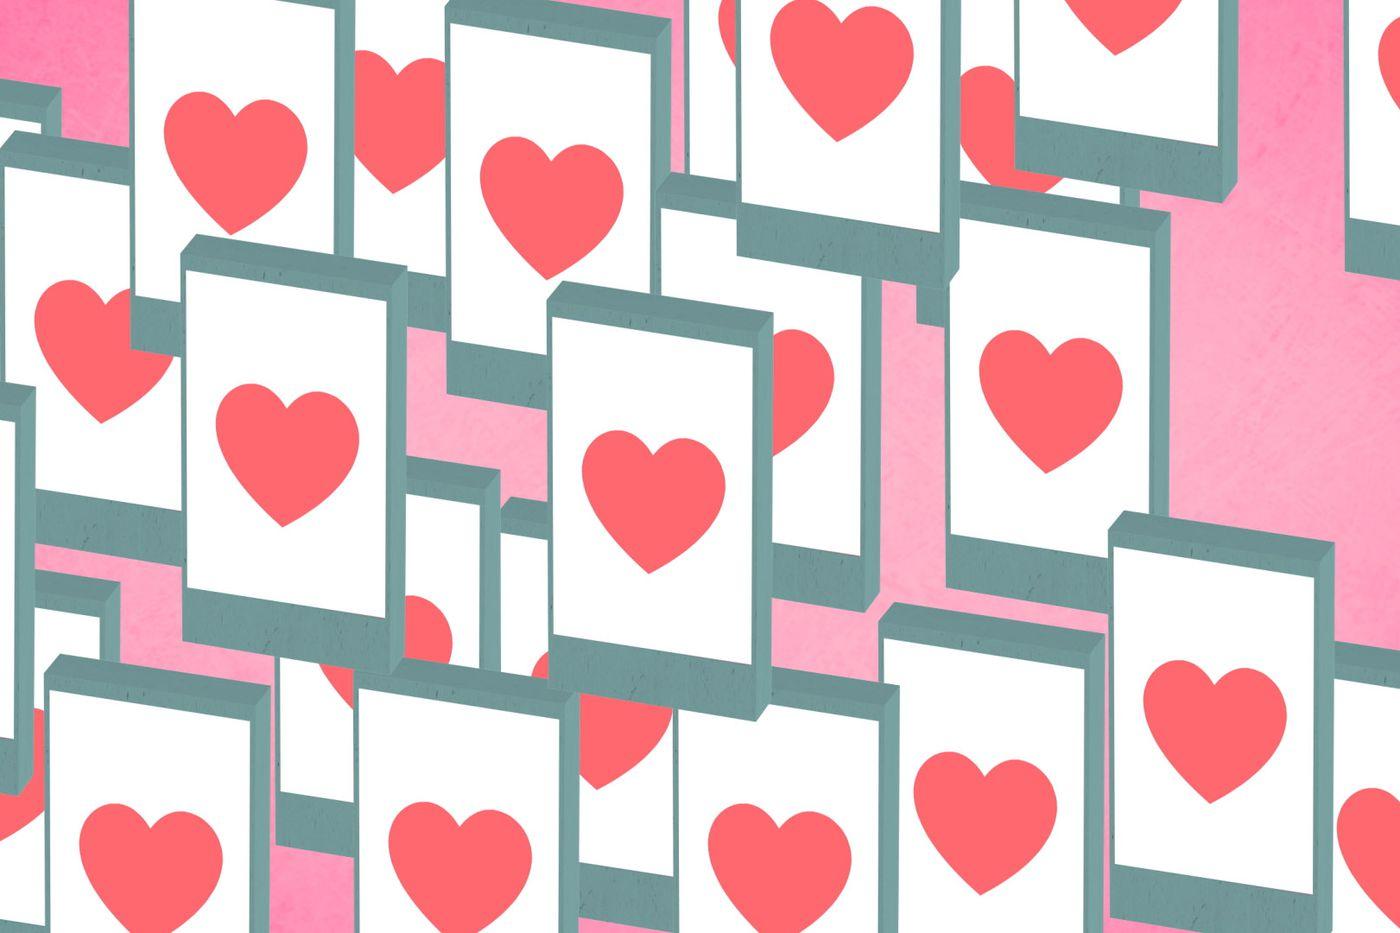 Chatta och dejta online i Rel | Trffa kvinnor och mn i Rel